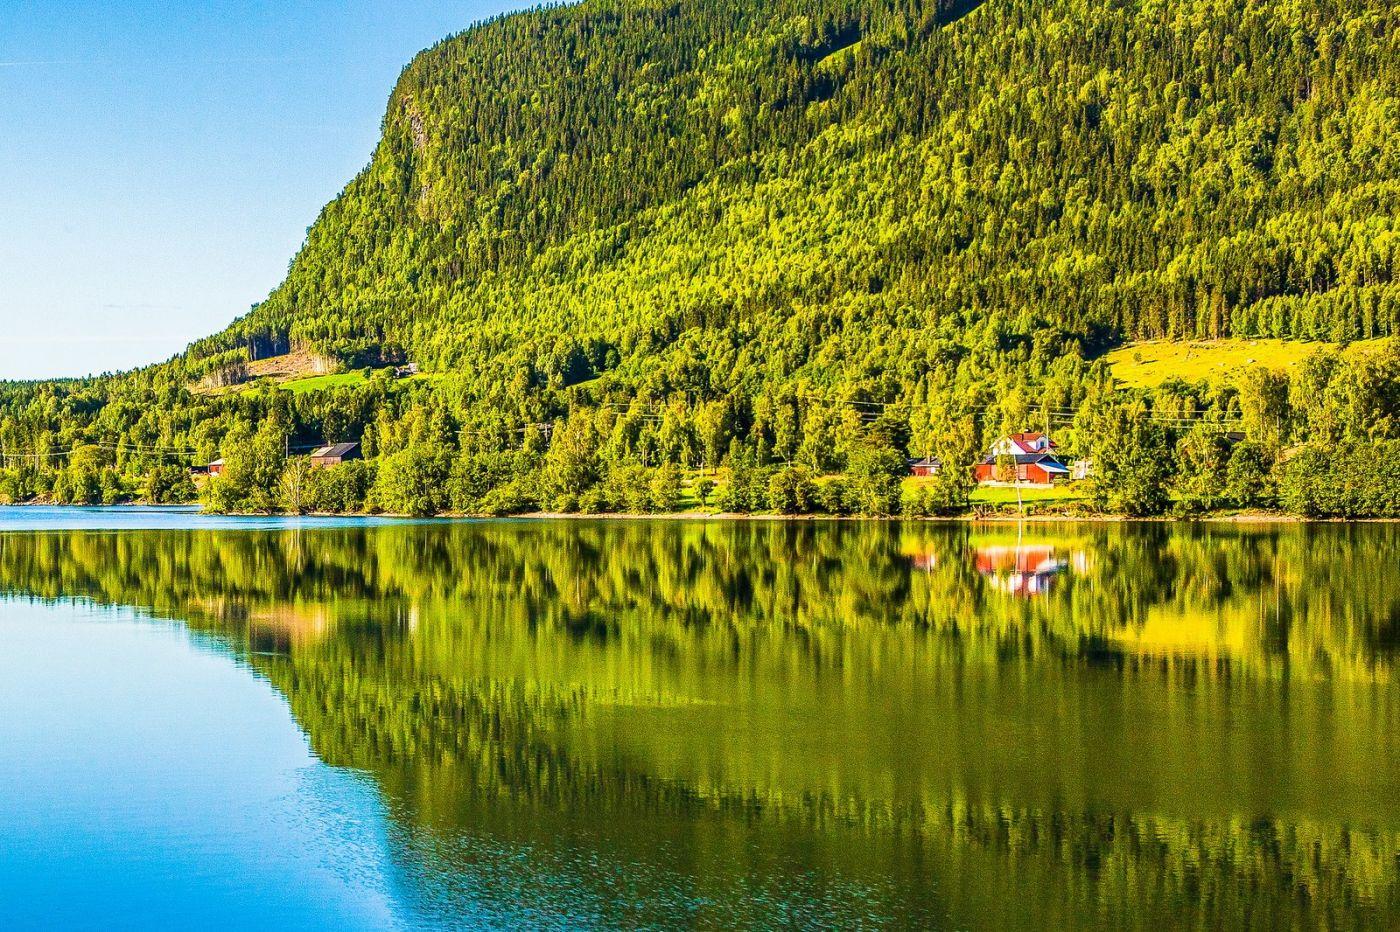 北欧风光,风景美如画_图1-25